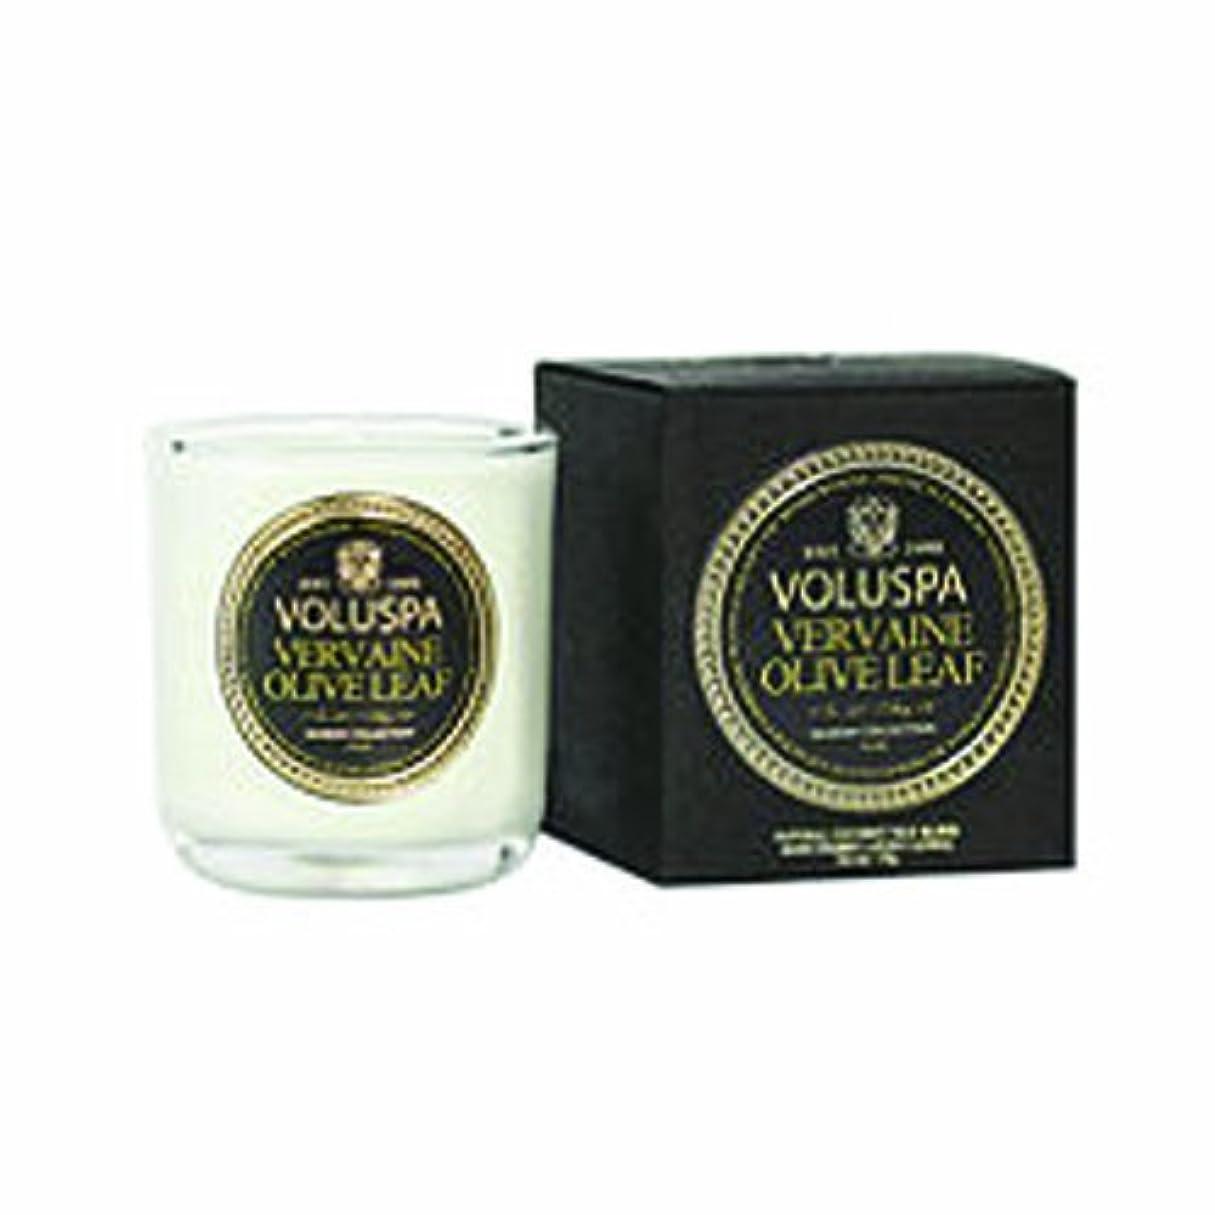 届ける常に緊急VOLUSPA メゾンブラック ミニグラスキャンドル バーベイン オリーブ リーフ